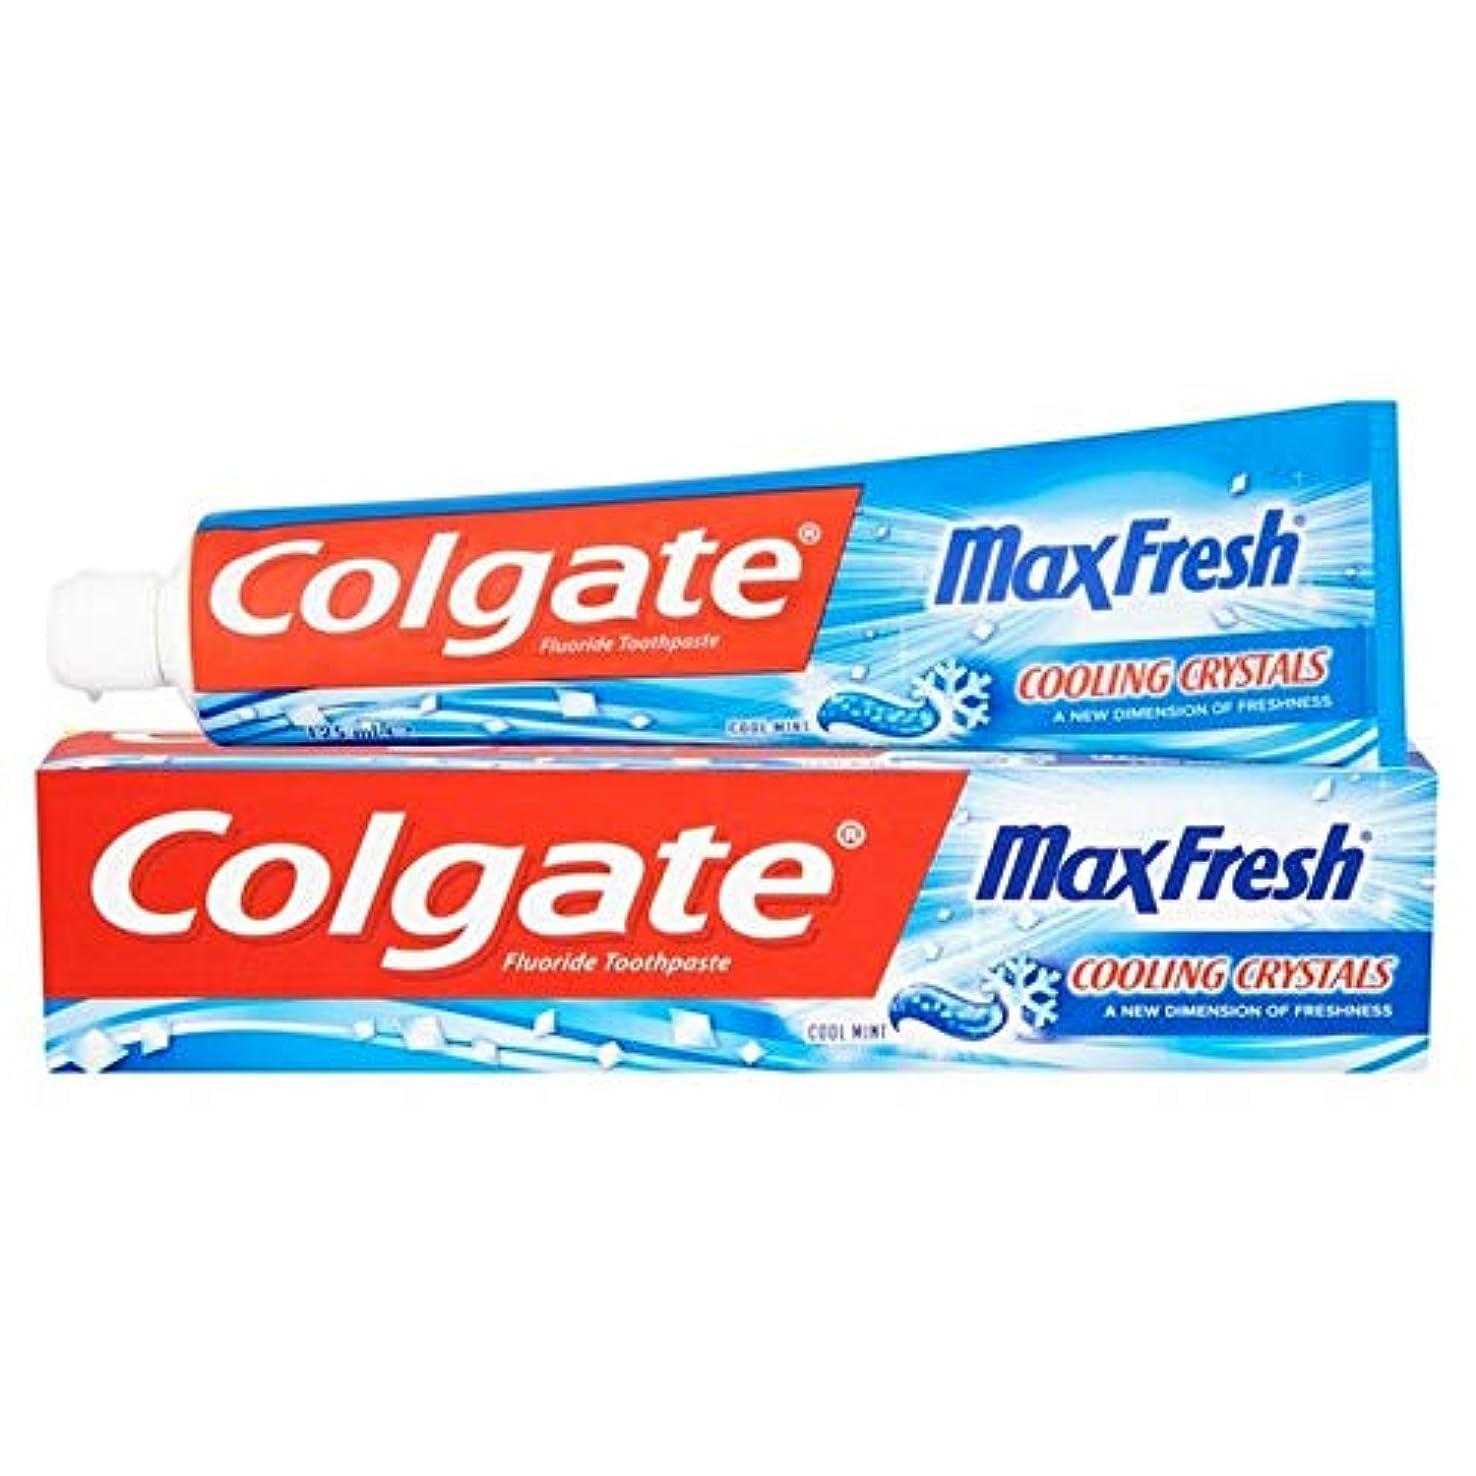 ぼかし科学者誠意[Colgate ] 冷却結晶歯磨き粉の125ミリリットル新鮮なコルゲートマックス - Colgate Max Fresh with Cooling Crystals Toothpaste 125ml [並行輸入品]